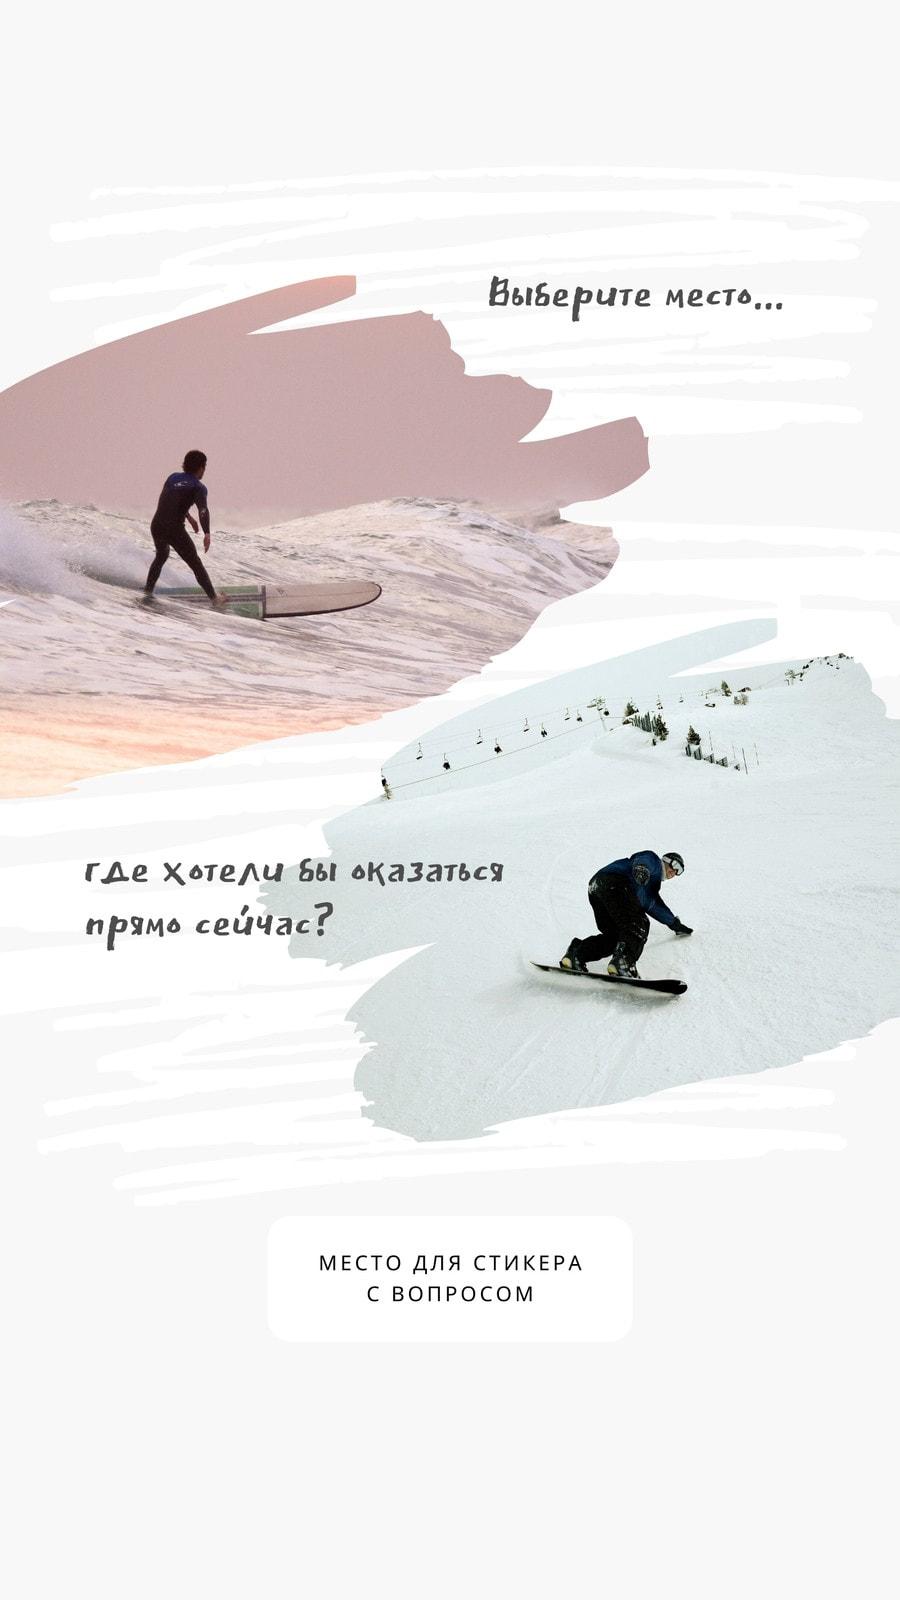 Серая Ваша история о путешествиях с фотографиями серфенгиста и сноубордиста